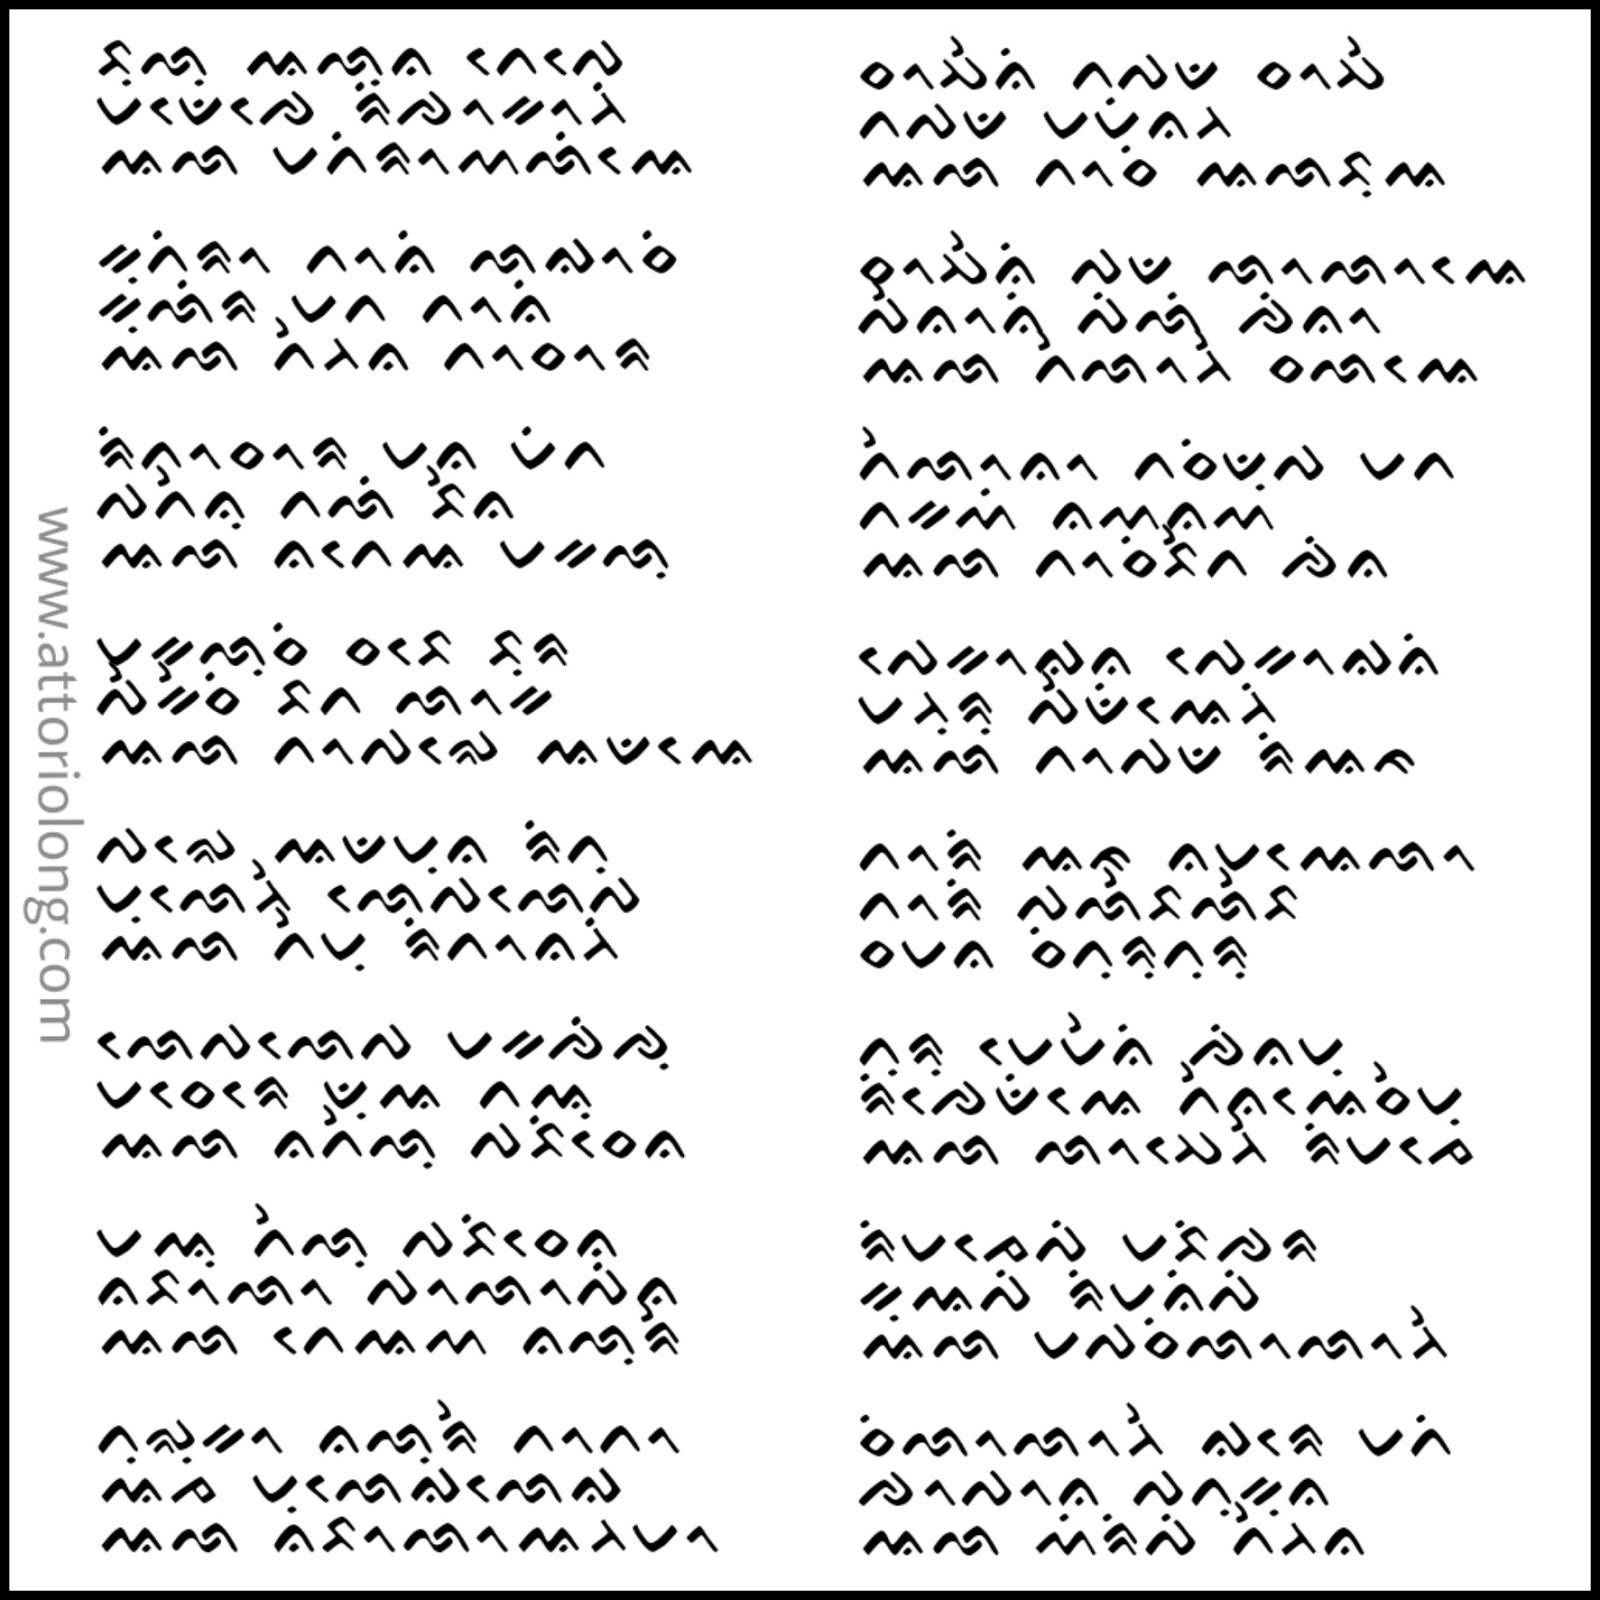 Lirik Chord Lagu Jikustik Puisi: Lirik Lagu Bugis Bulu' Alau'na Tempe